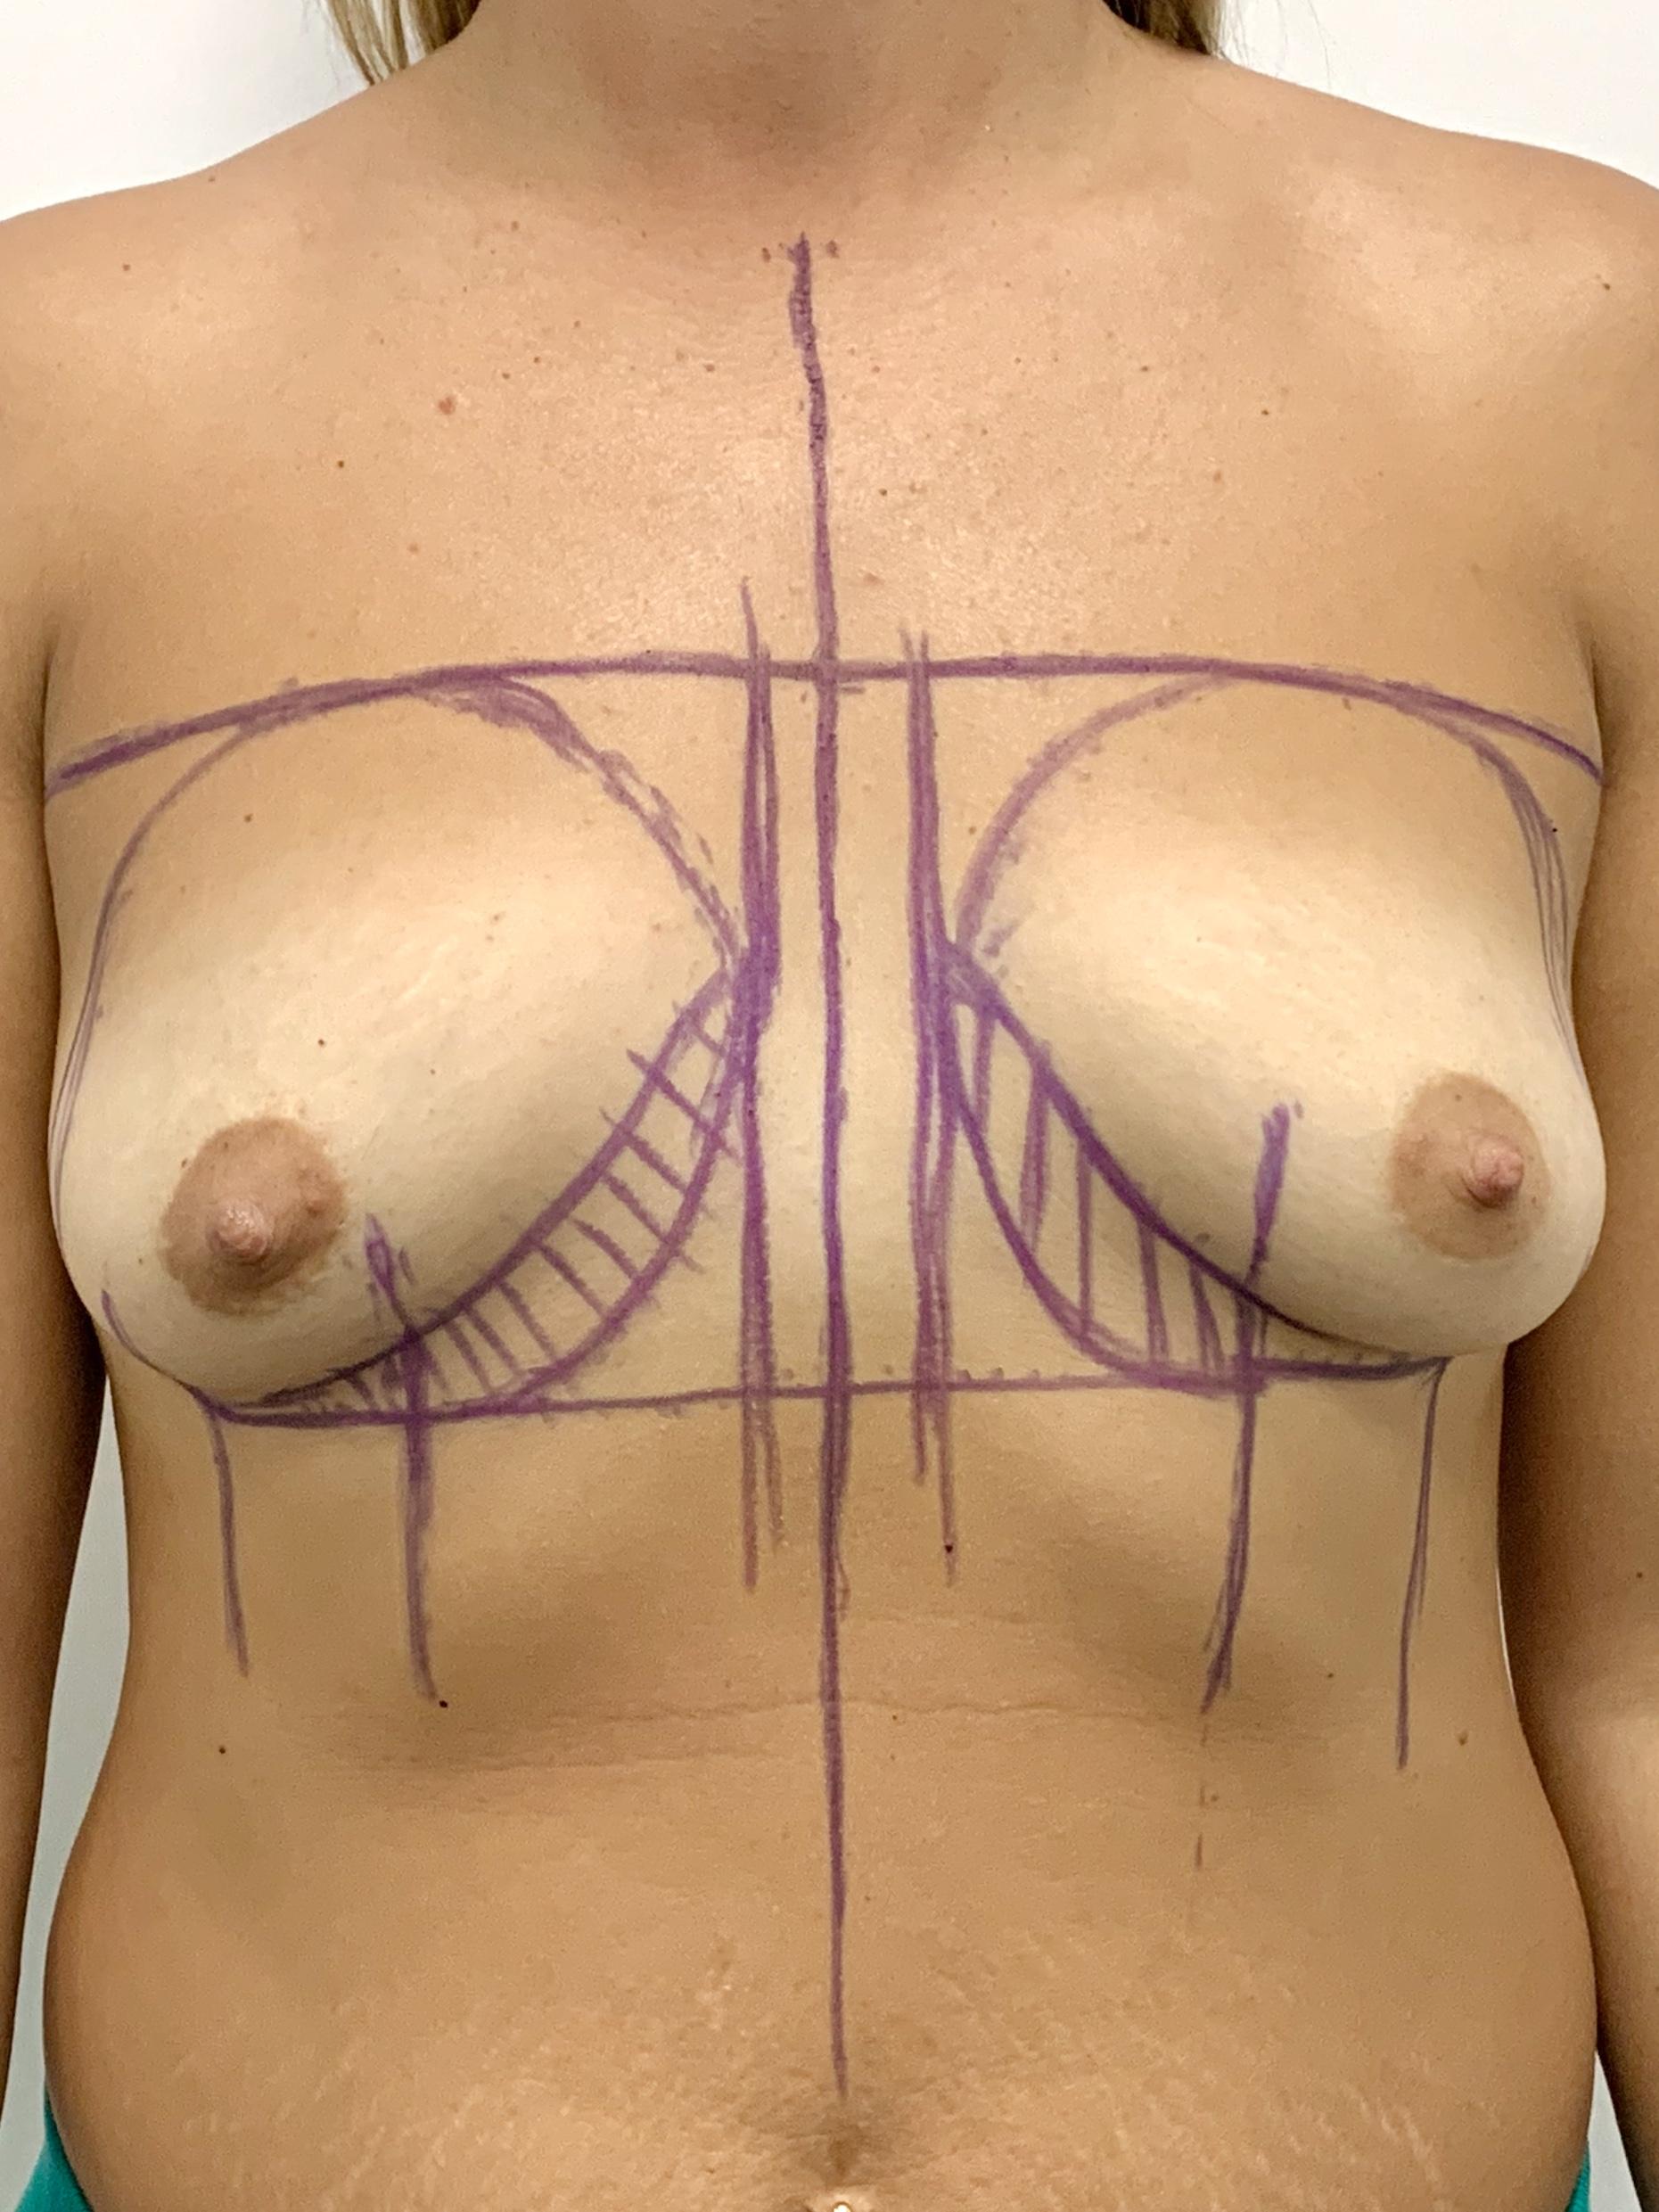 Фото груди с признаками тубулярности, отмечаетмя 'поджатость'' нижне-внутренних контуров молочных желез. штрихом показано нормальное расположение молочных желез на грудной клетке.